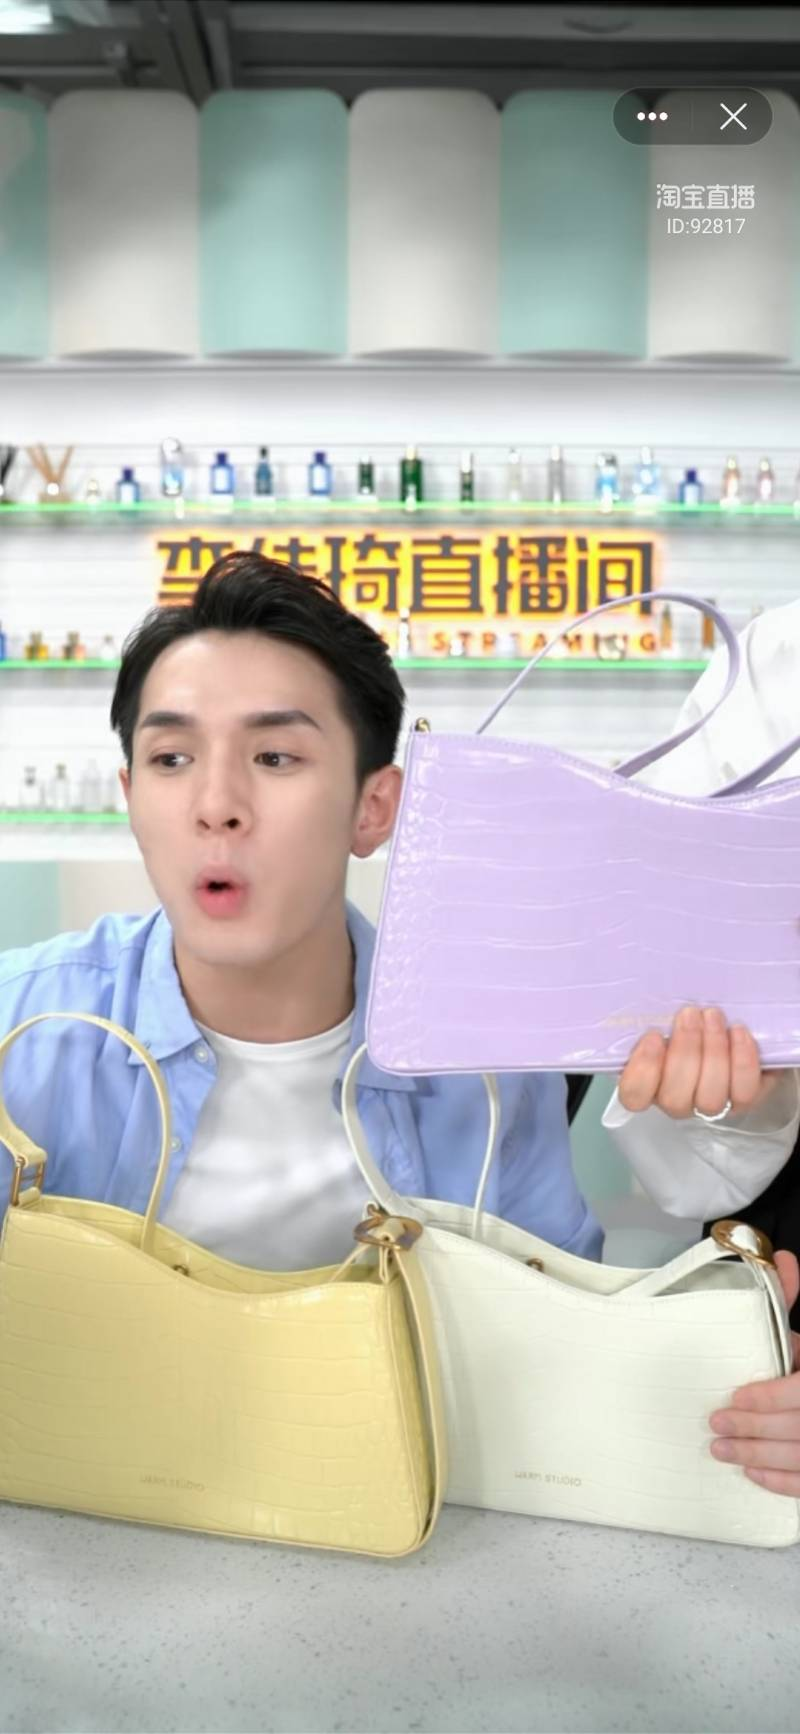 广州夫妻档品牌成李佳琦直播常客,一款女包一次卖了150万